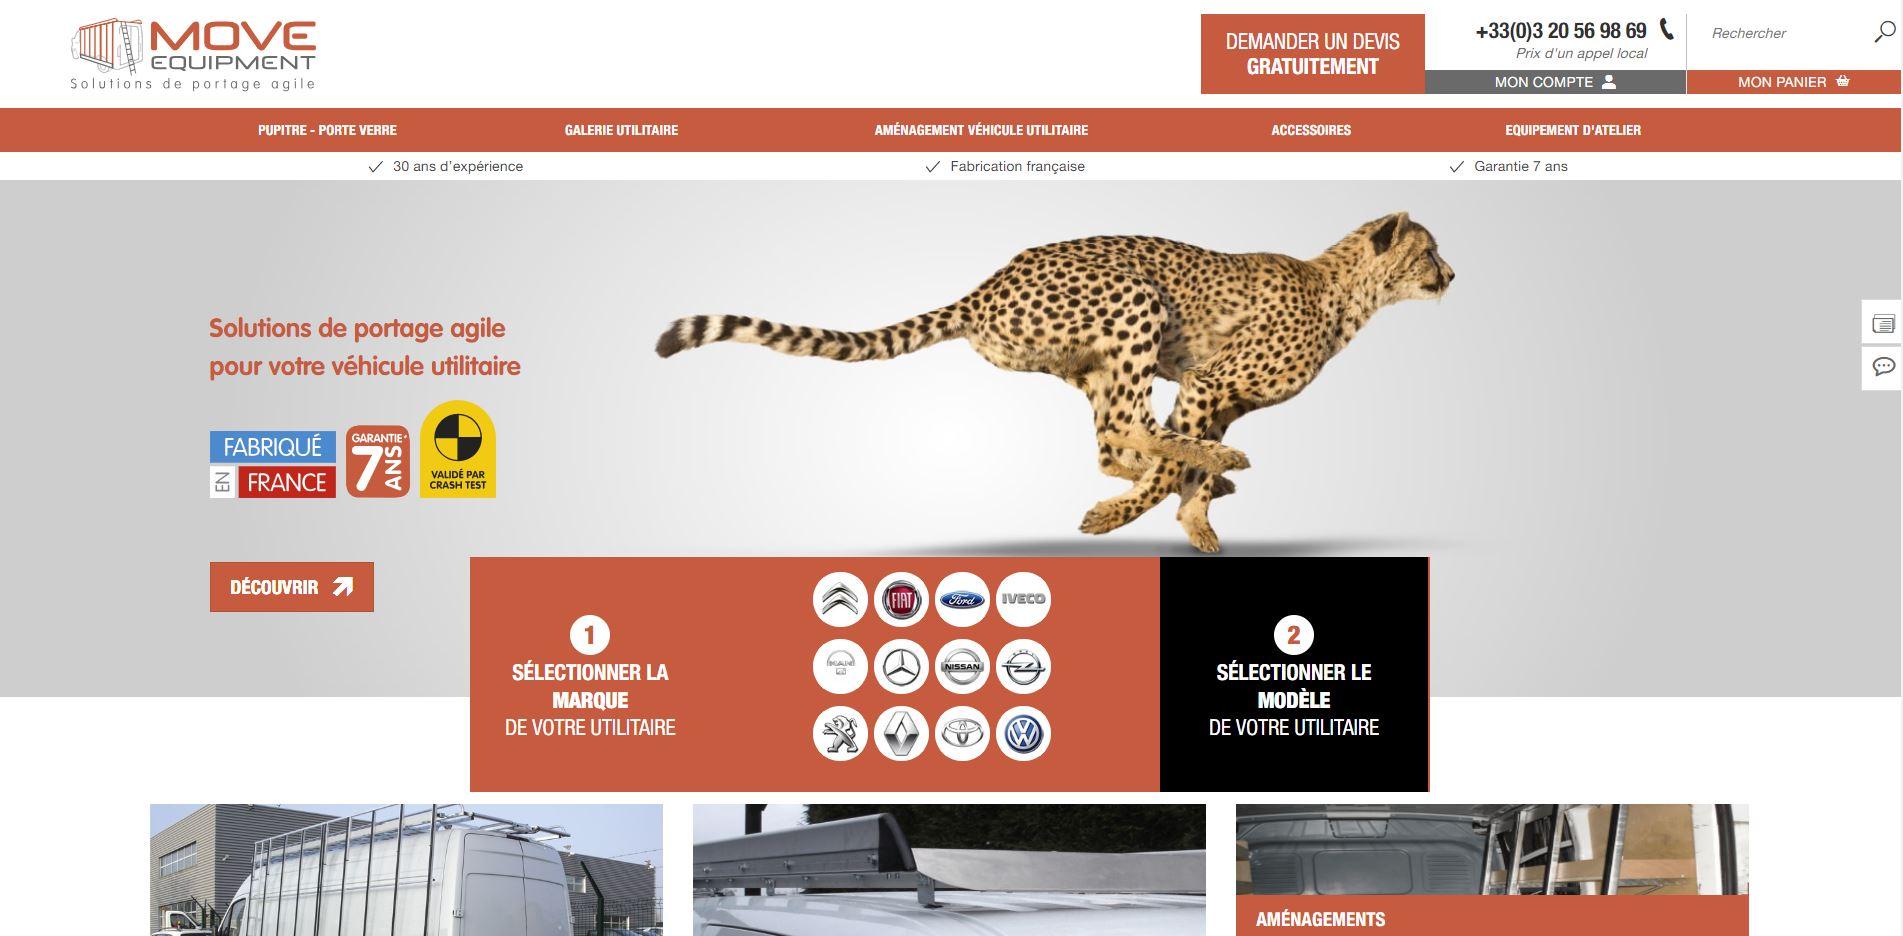 Site web Move Equipement